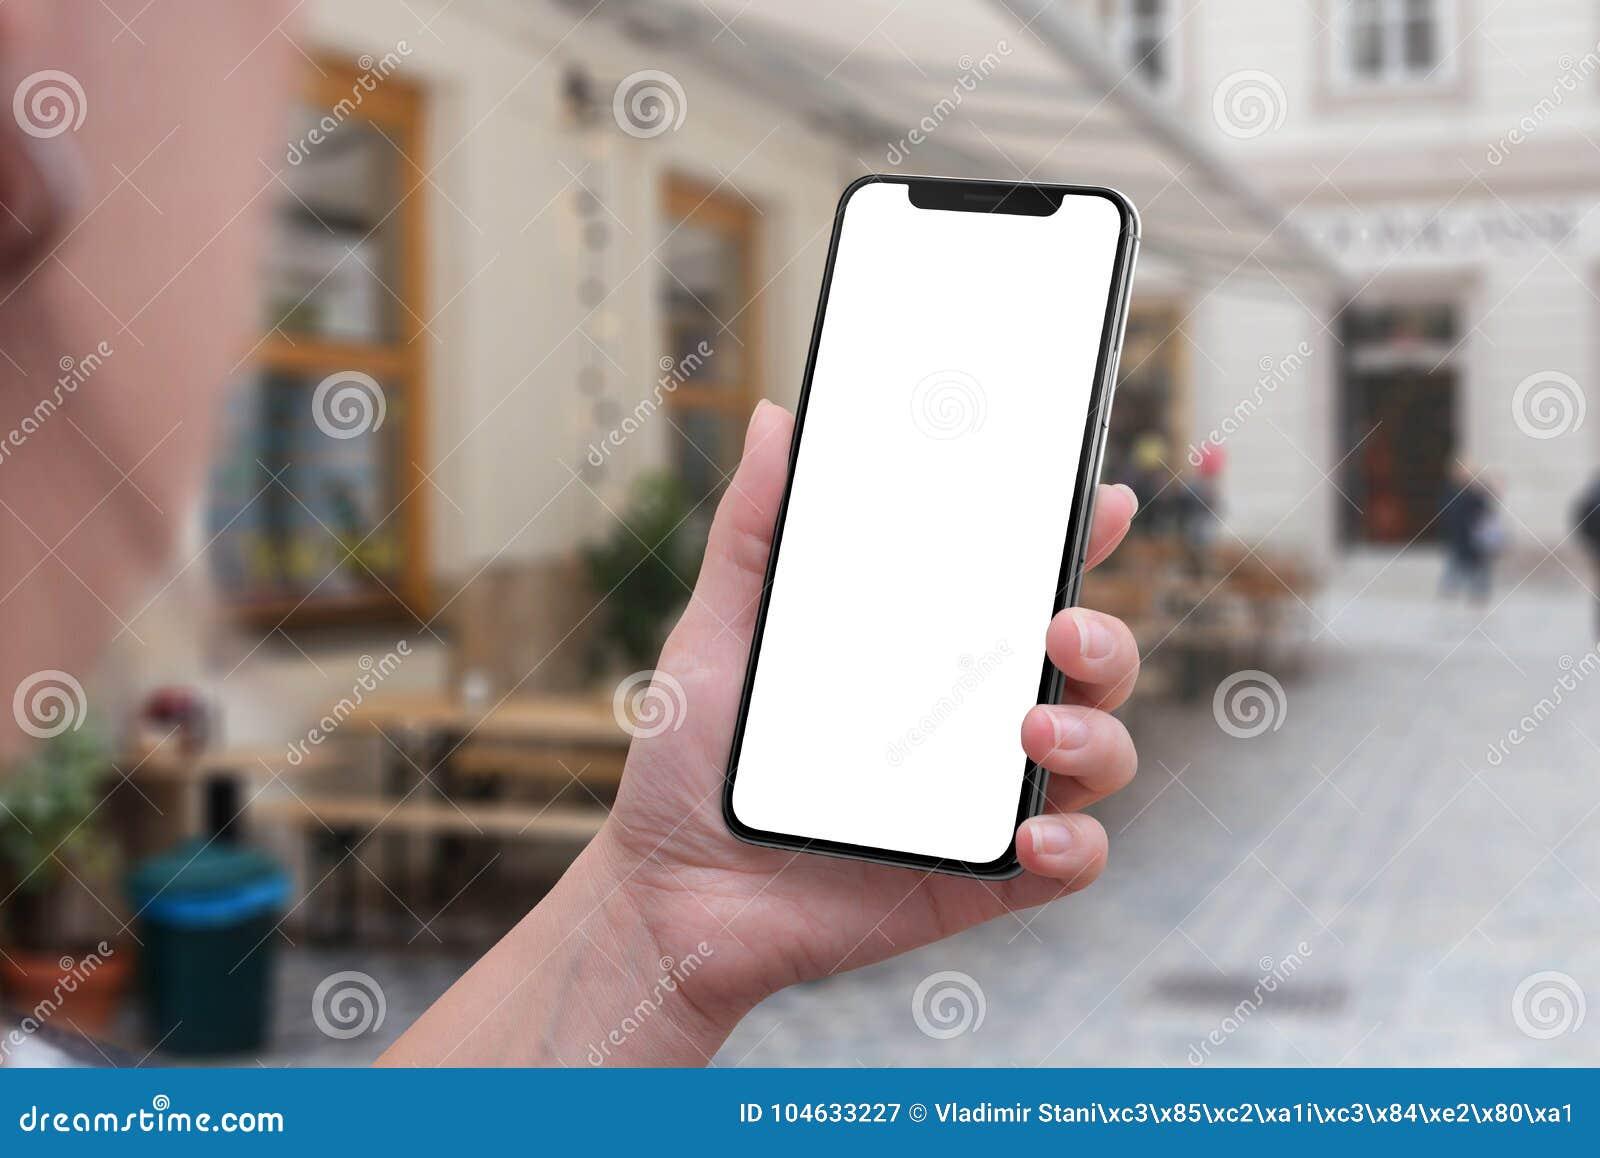 Smartphone x na mão da mulher Tela isolada para o modelo da interface de utilizador